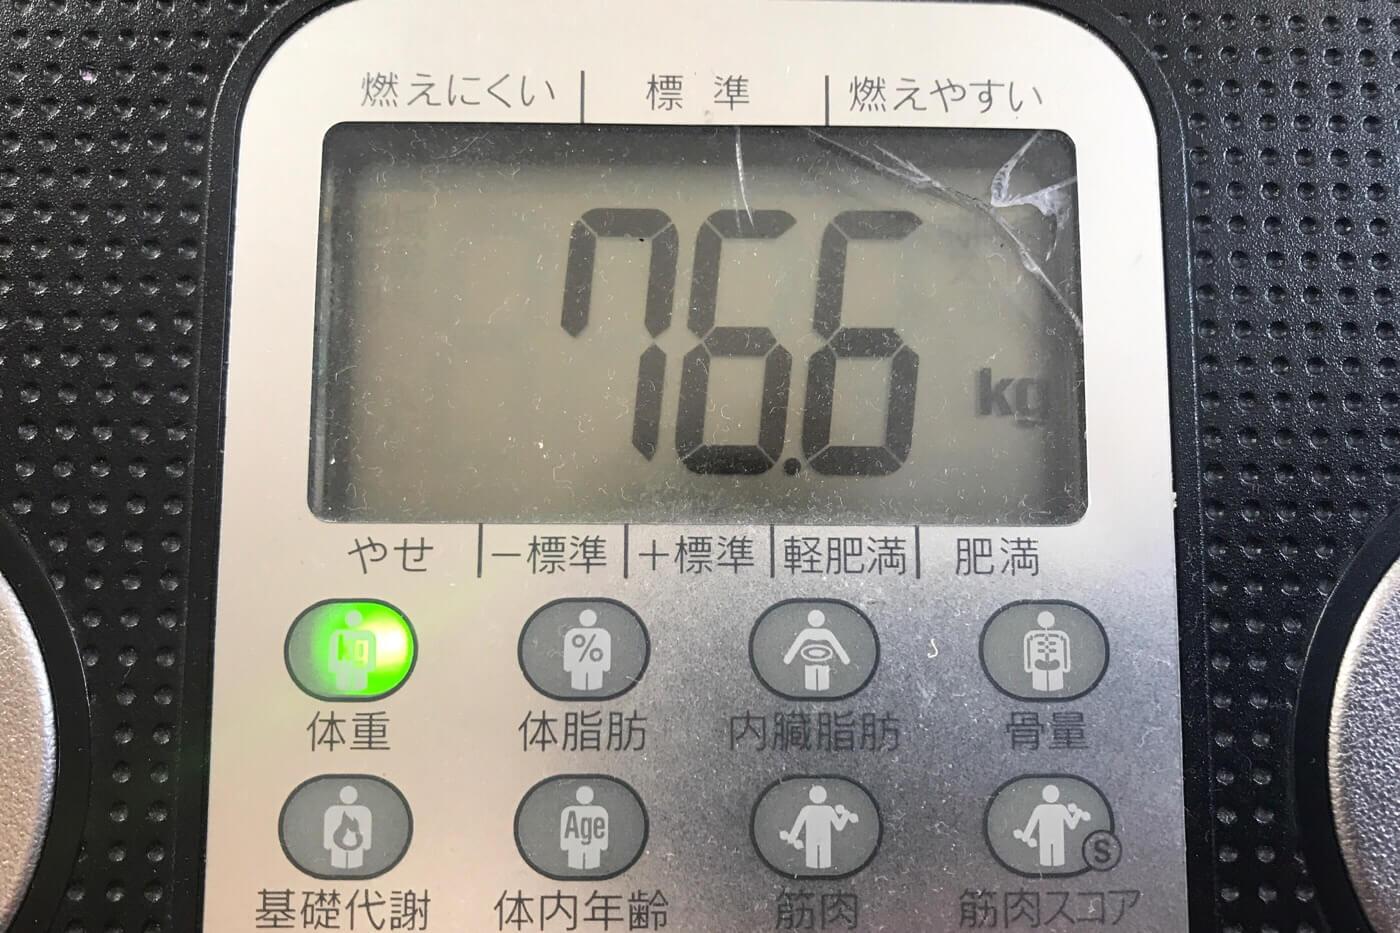 筋トレダイエット6日目の体重測定結果は76.6kg